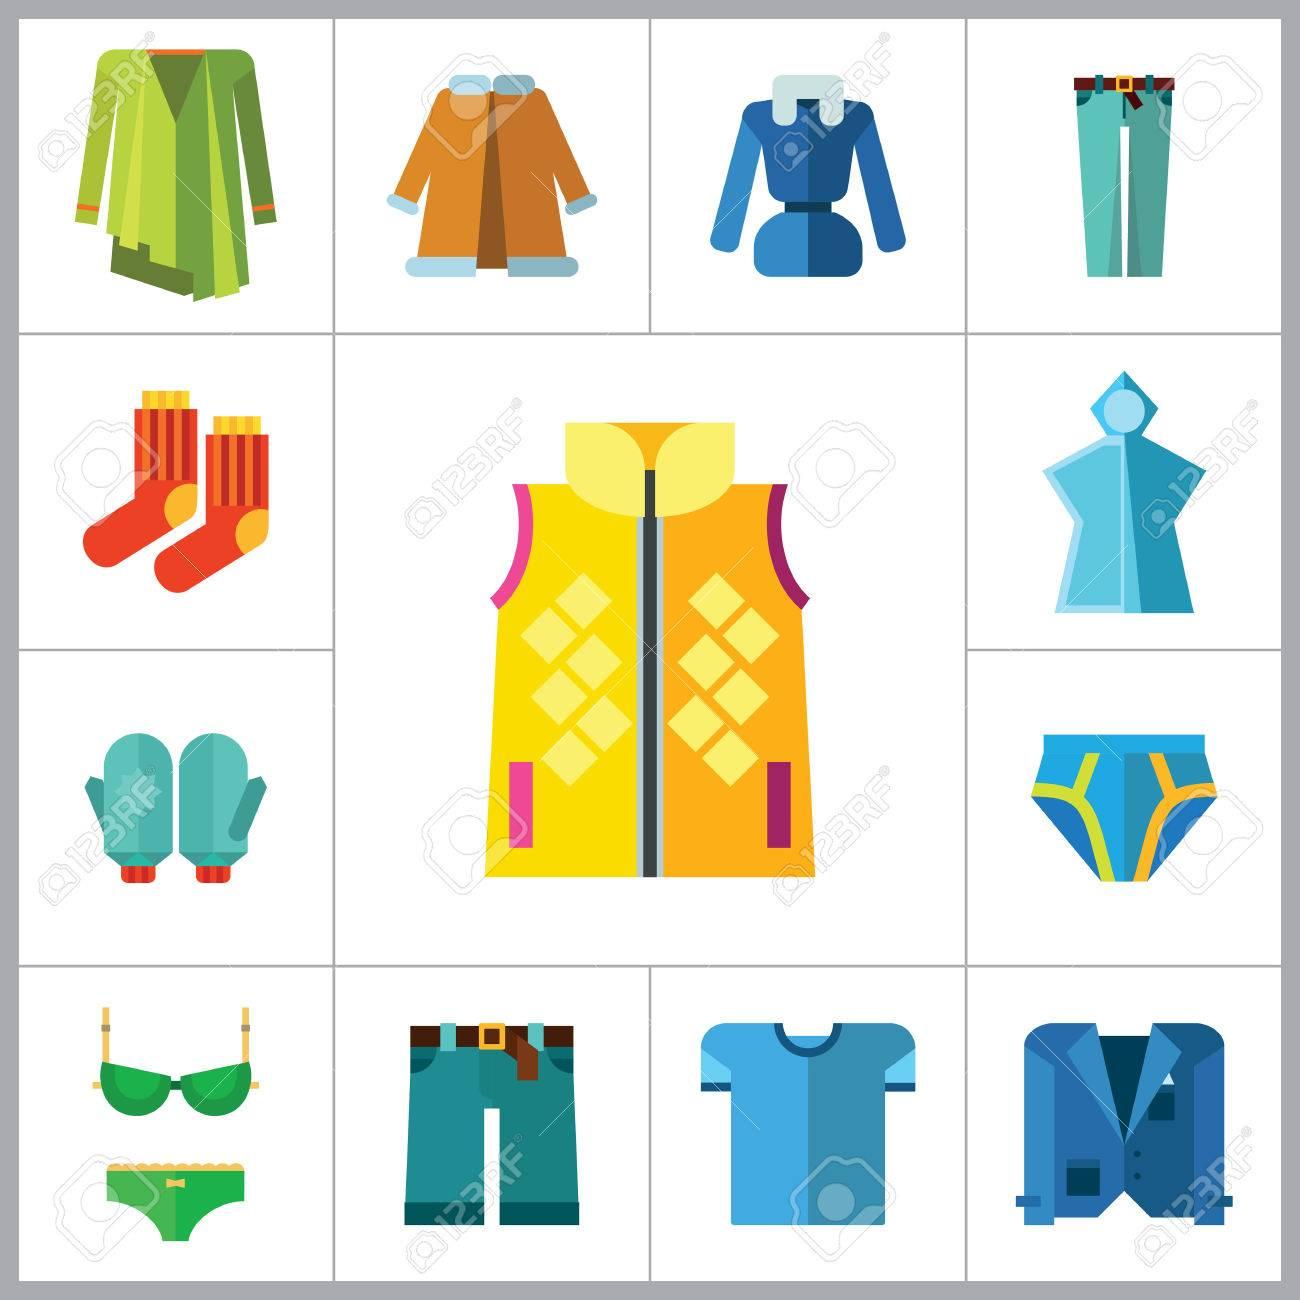 5a4eaf0c626 Banque d images - Vêtements Icon Set. T-shirt Chaussettes Gants Homme  Caleçon pluie Poncho Femme Sous-vêtements Denim Shorts Jeans Veste Manteau  Vêtements ...